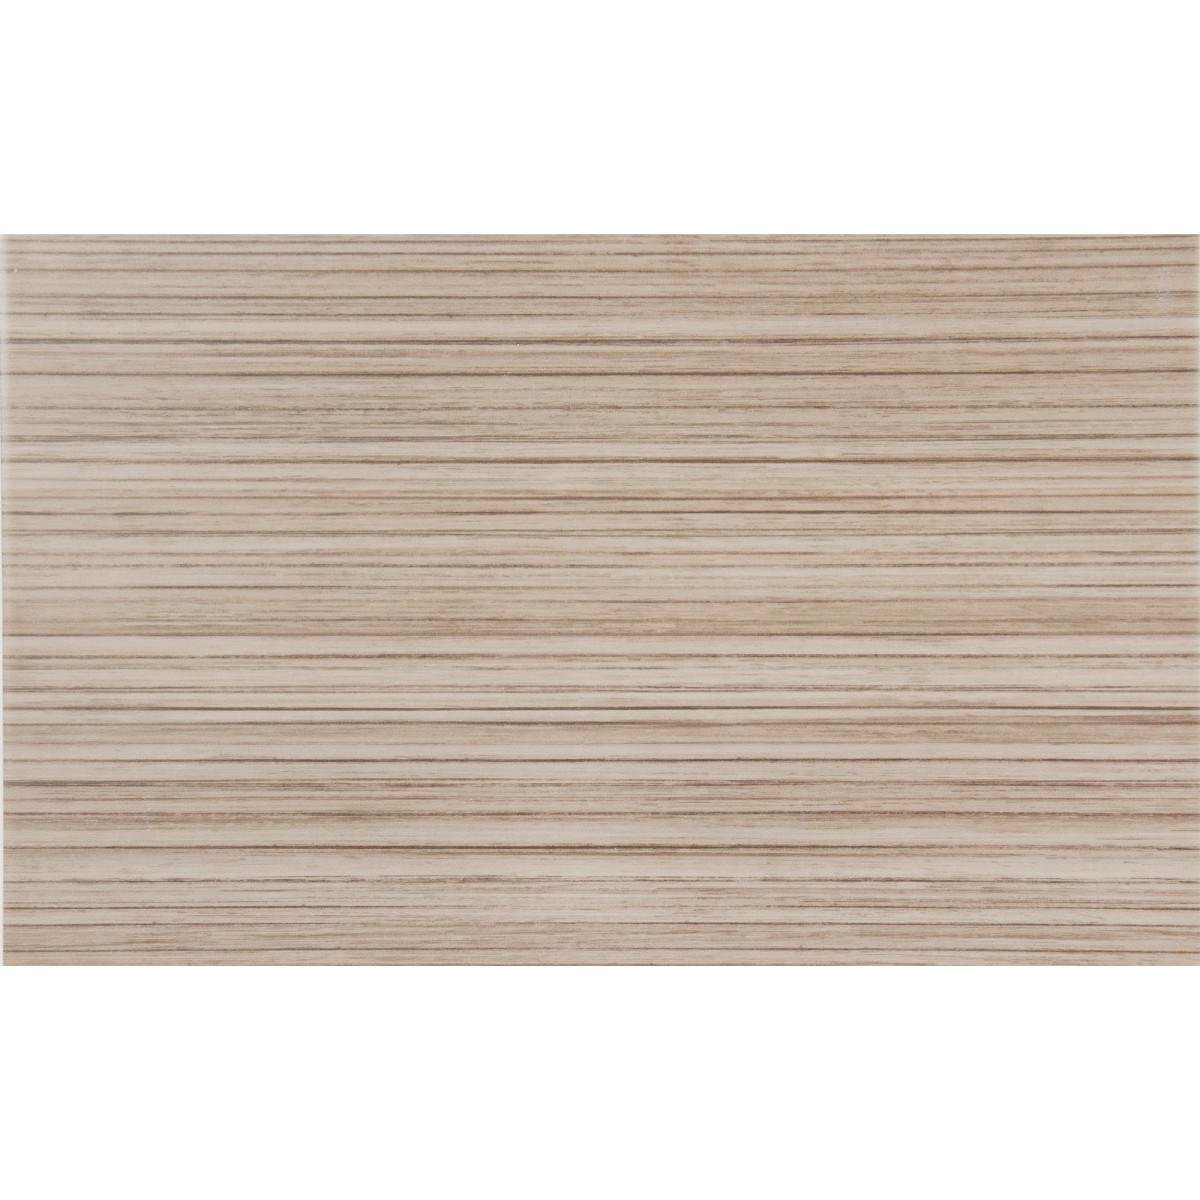 Плитка настенная Golden Tile Зебрано 25x40 см 1.6 м² цвет коричневый